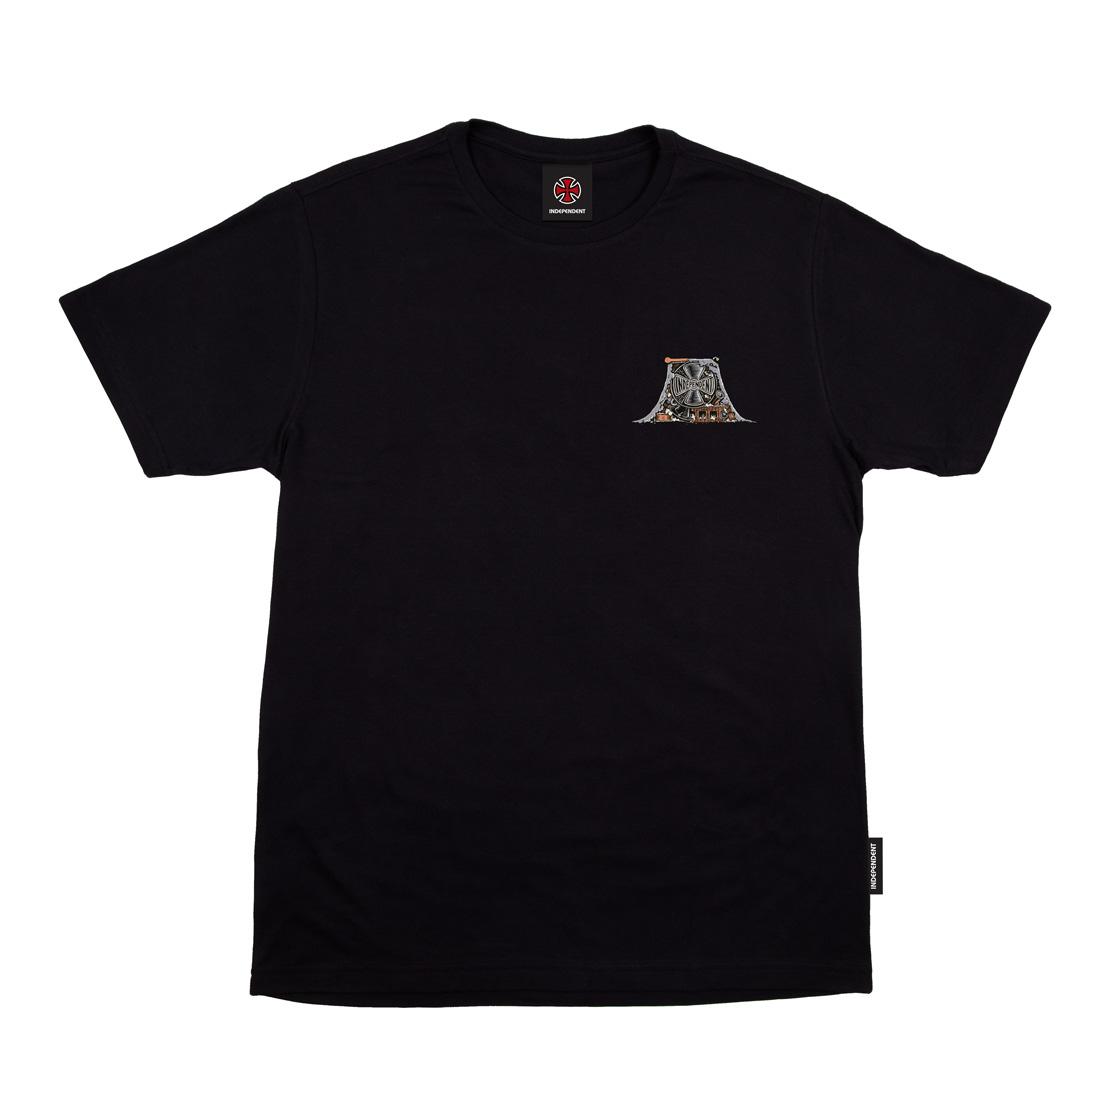 Camiseta Independent Crust Preta